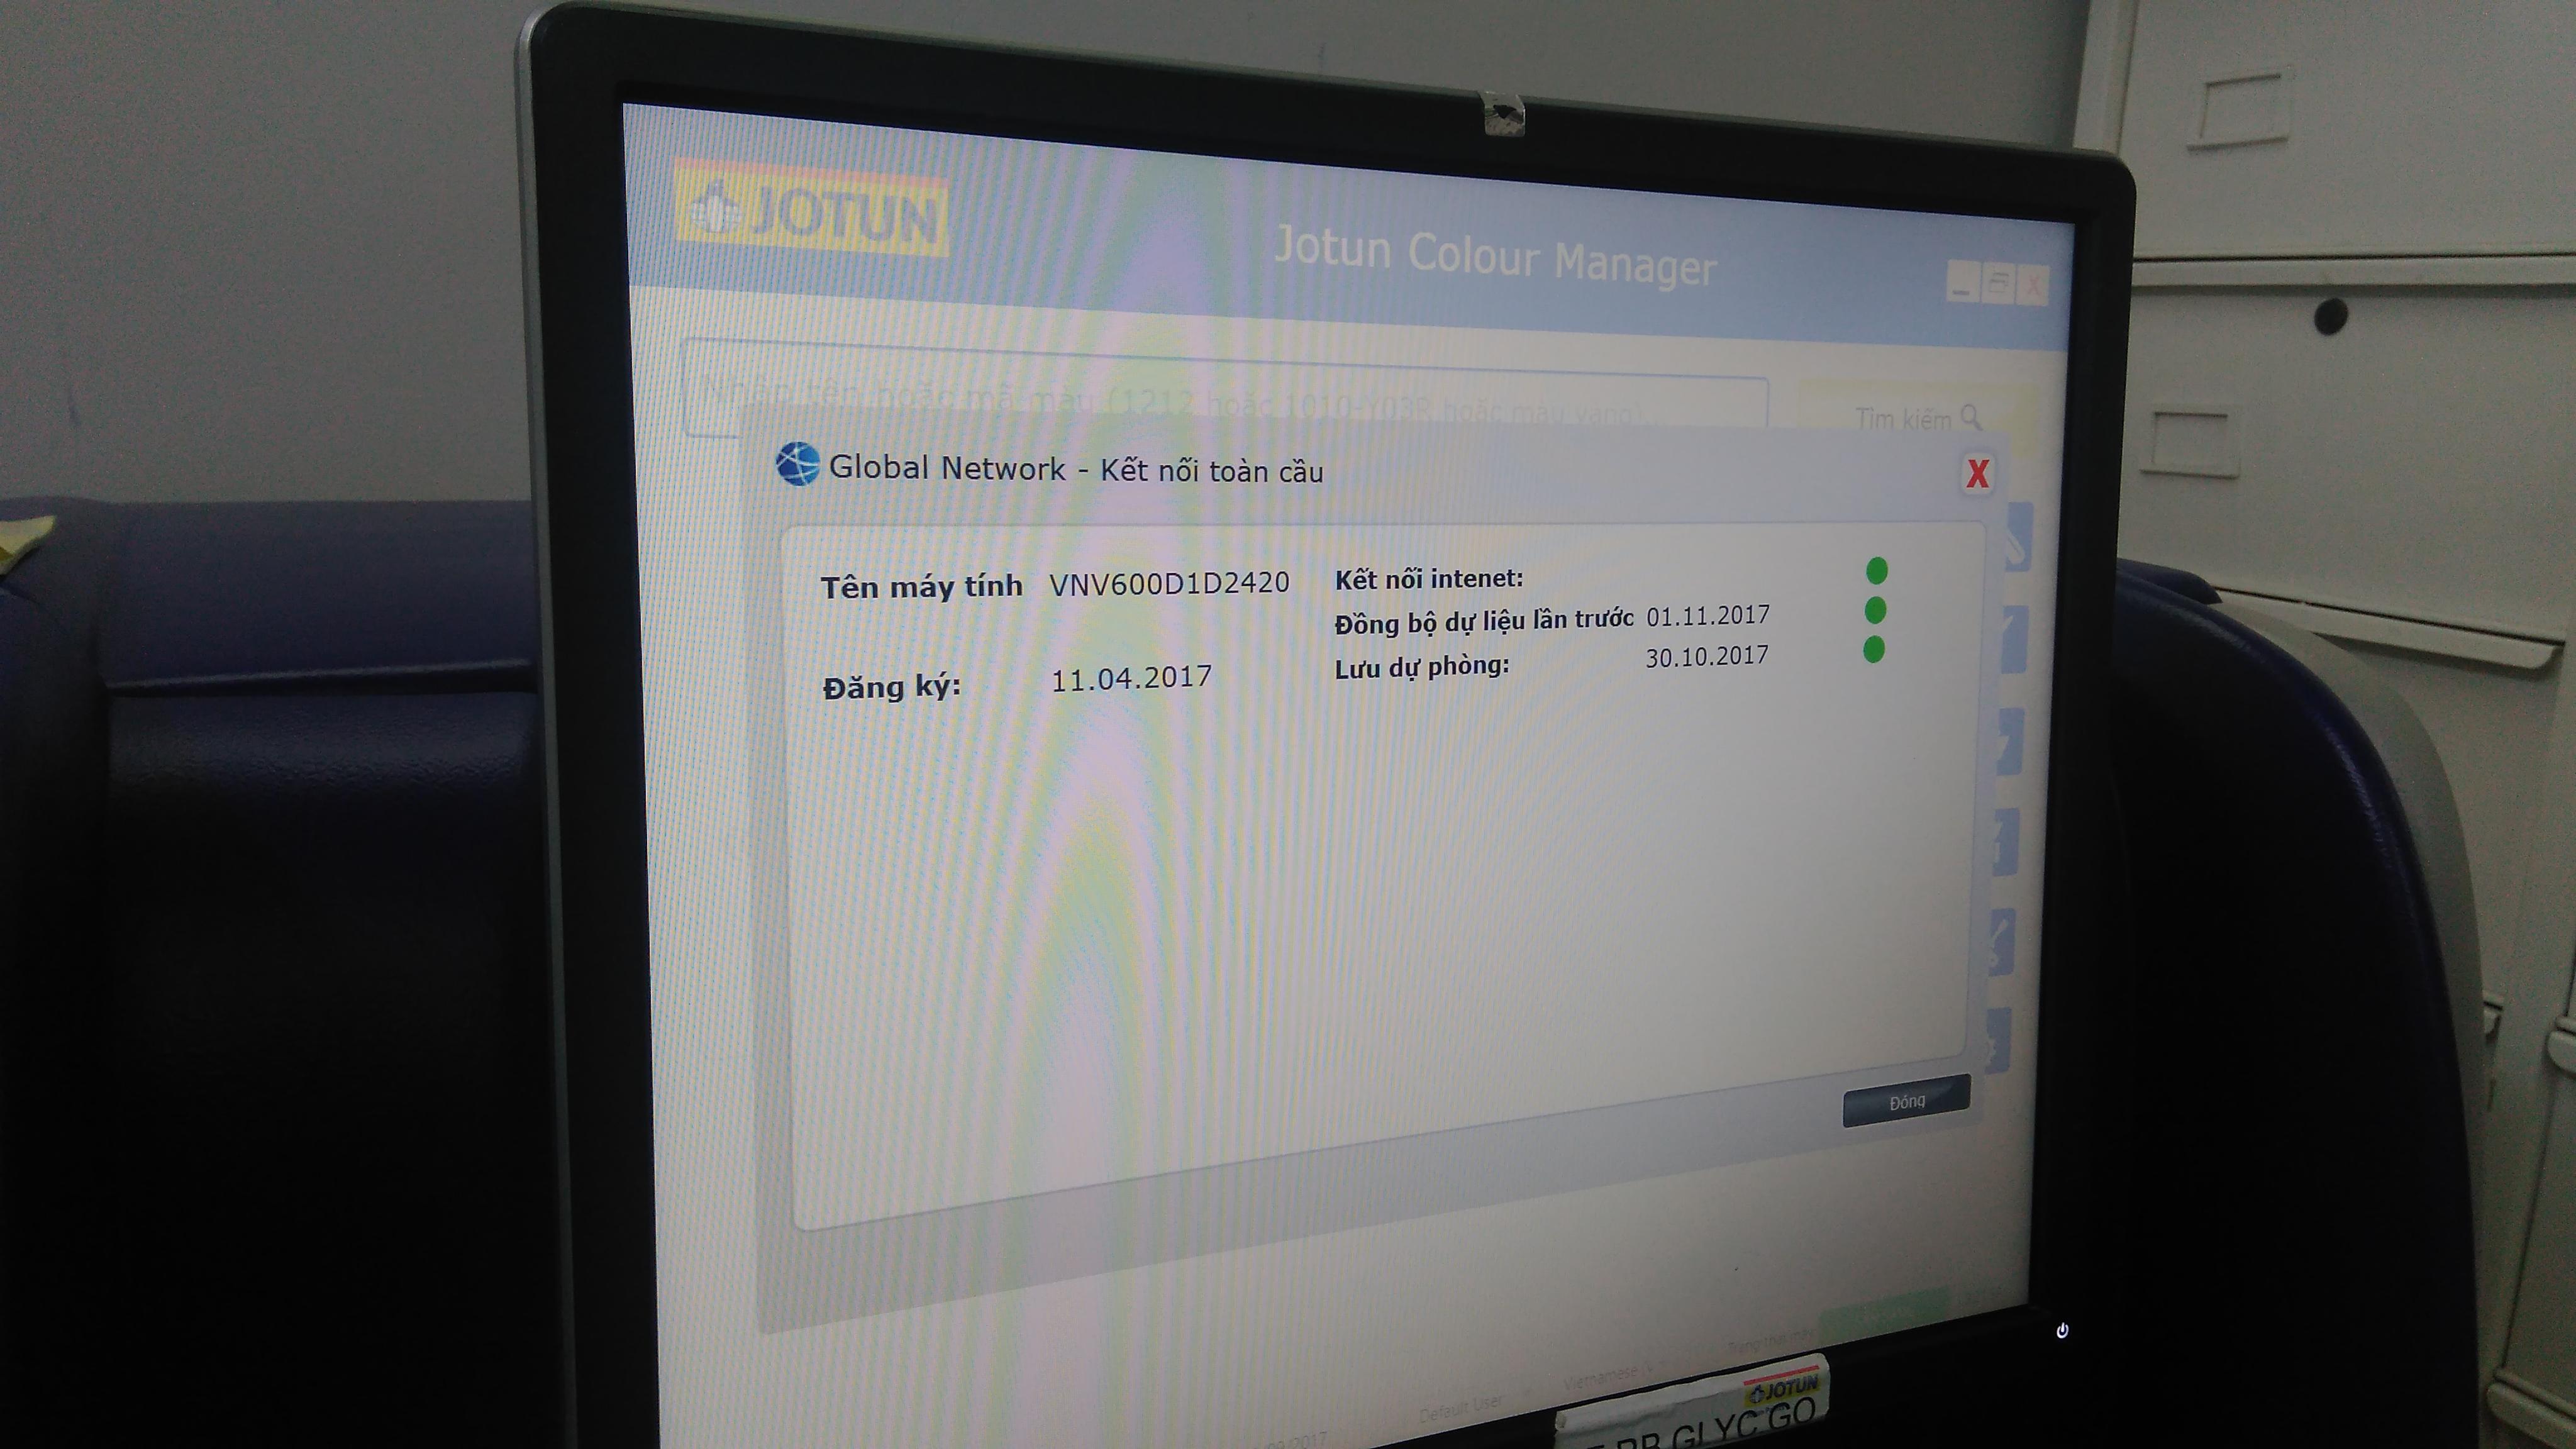 Phần mềm Jotun được kết nối toàn cầu